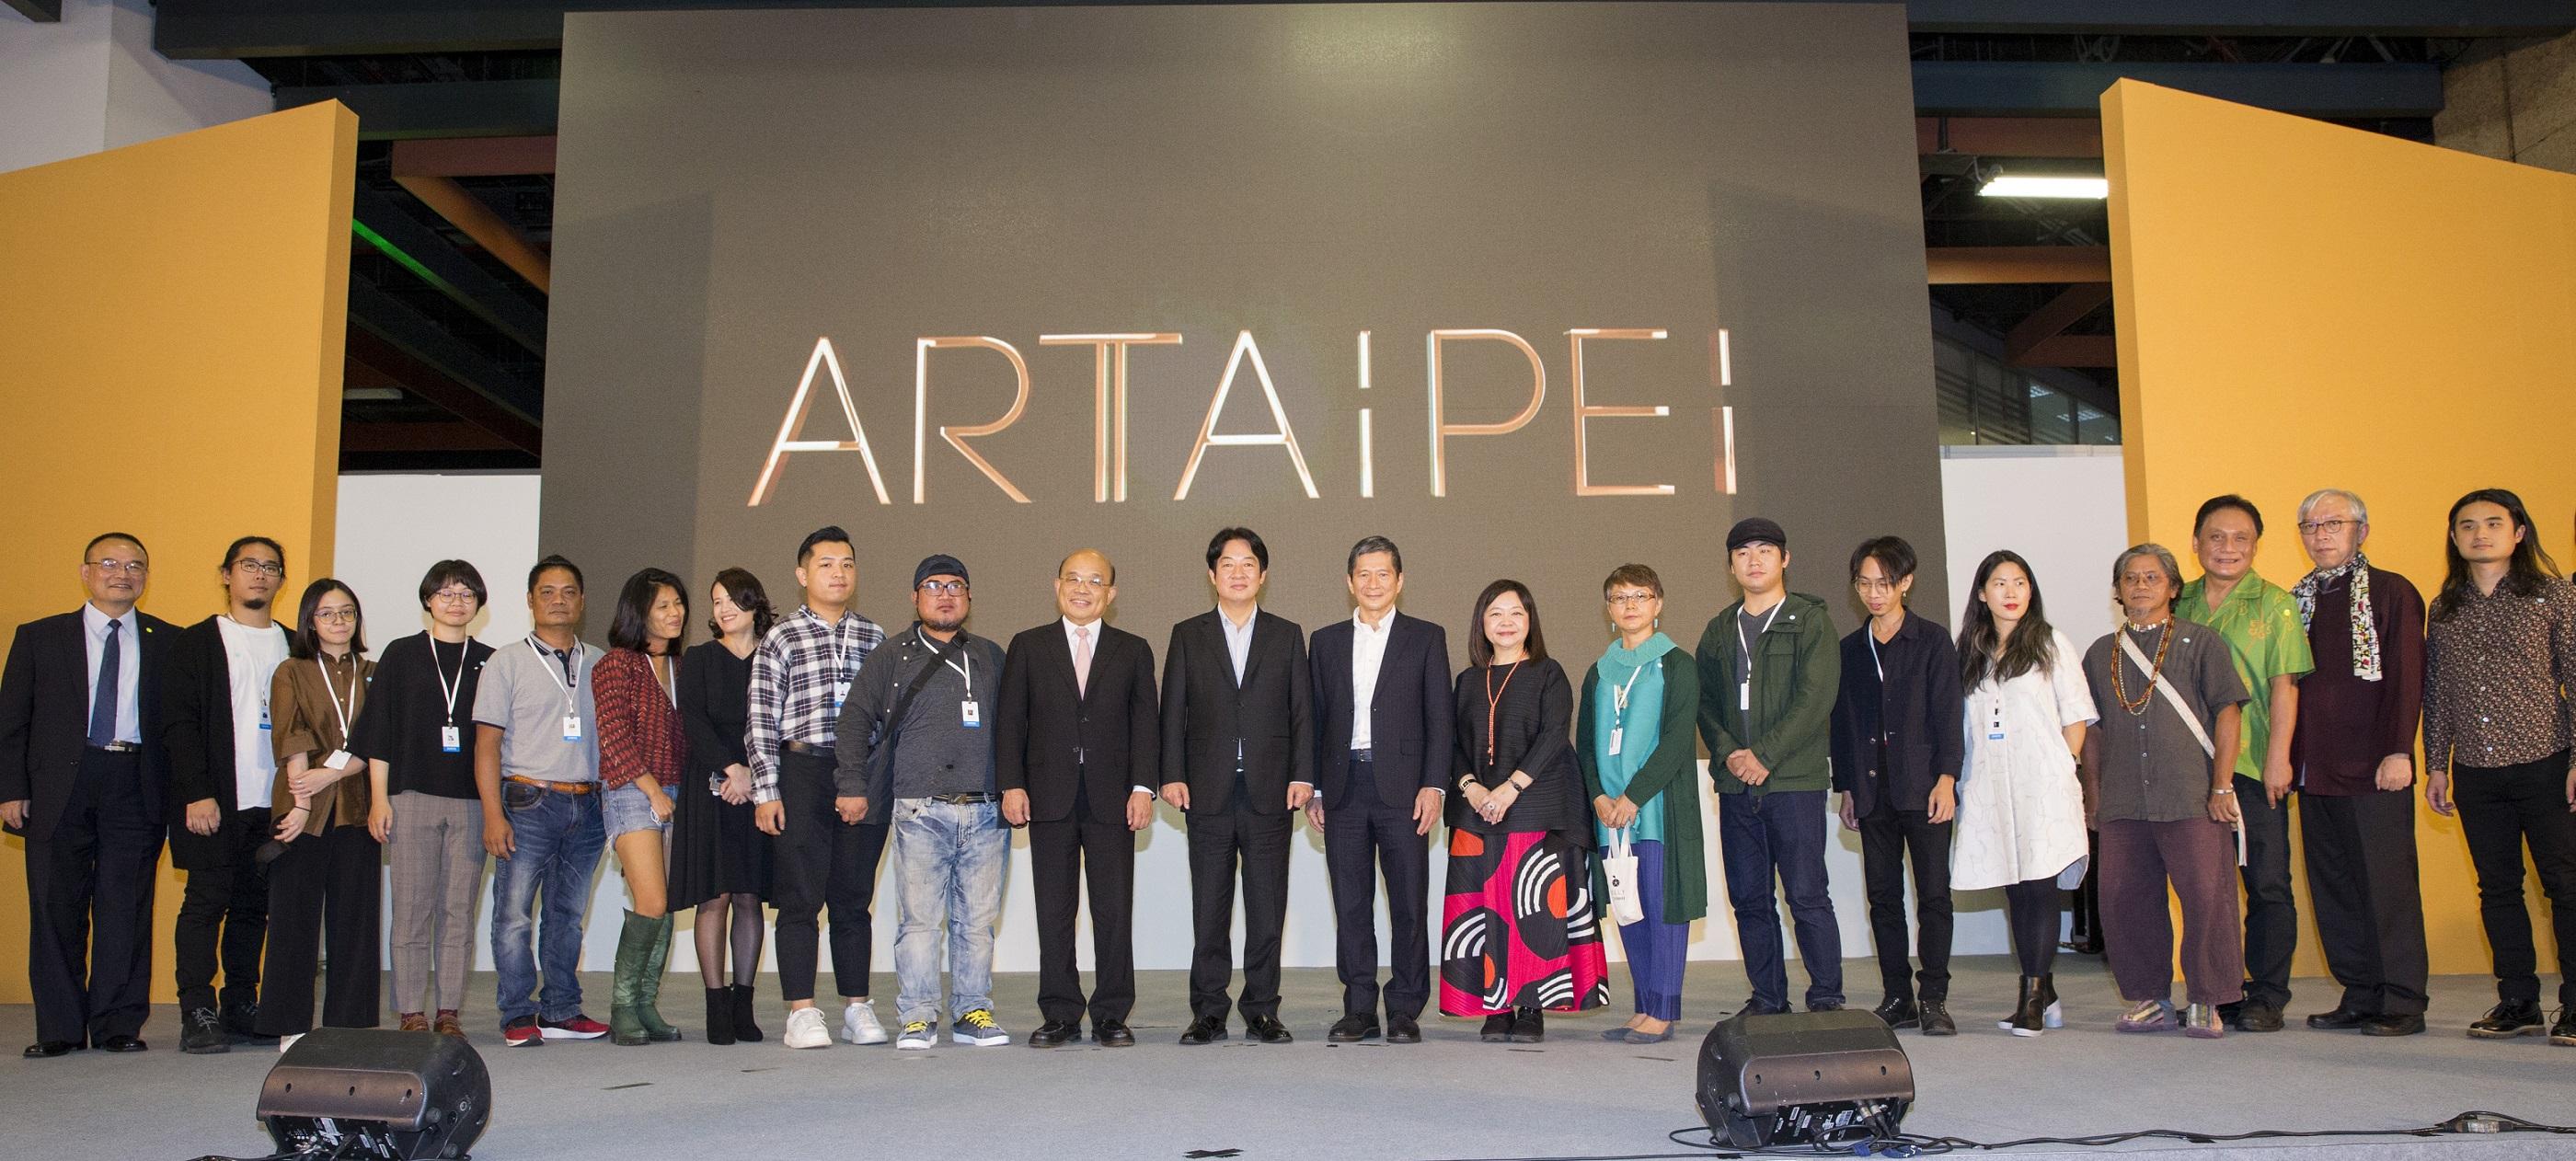 International art fair opens at Taipei World Trade Center